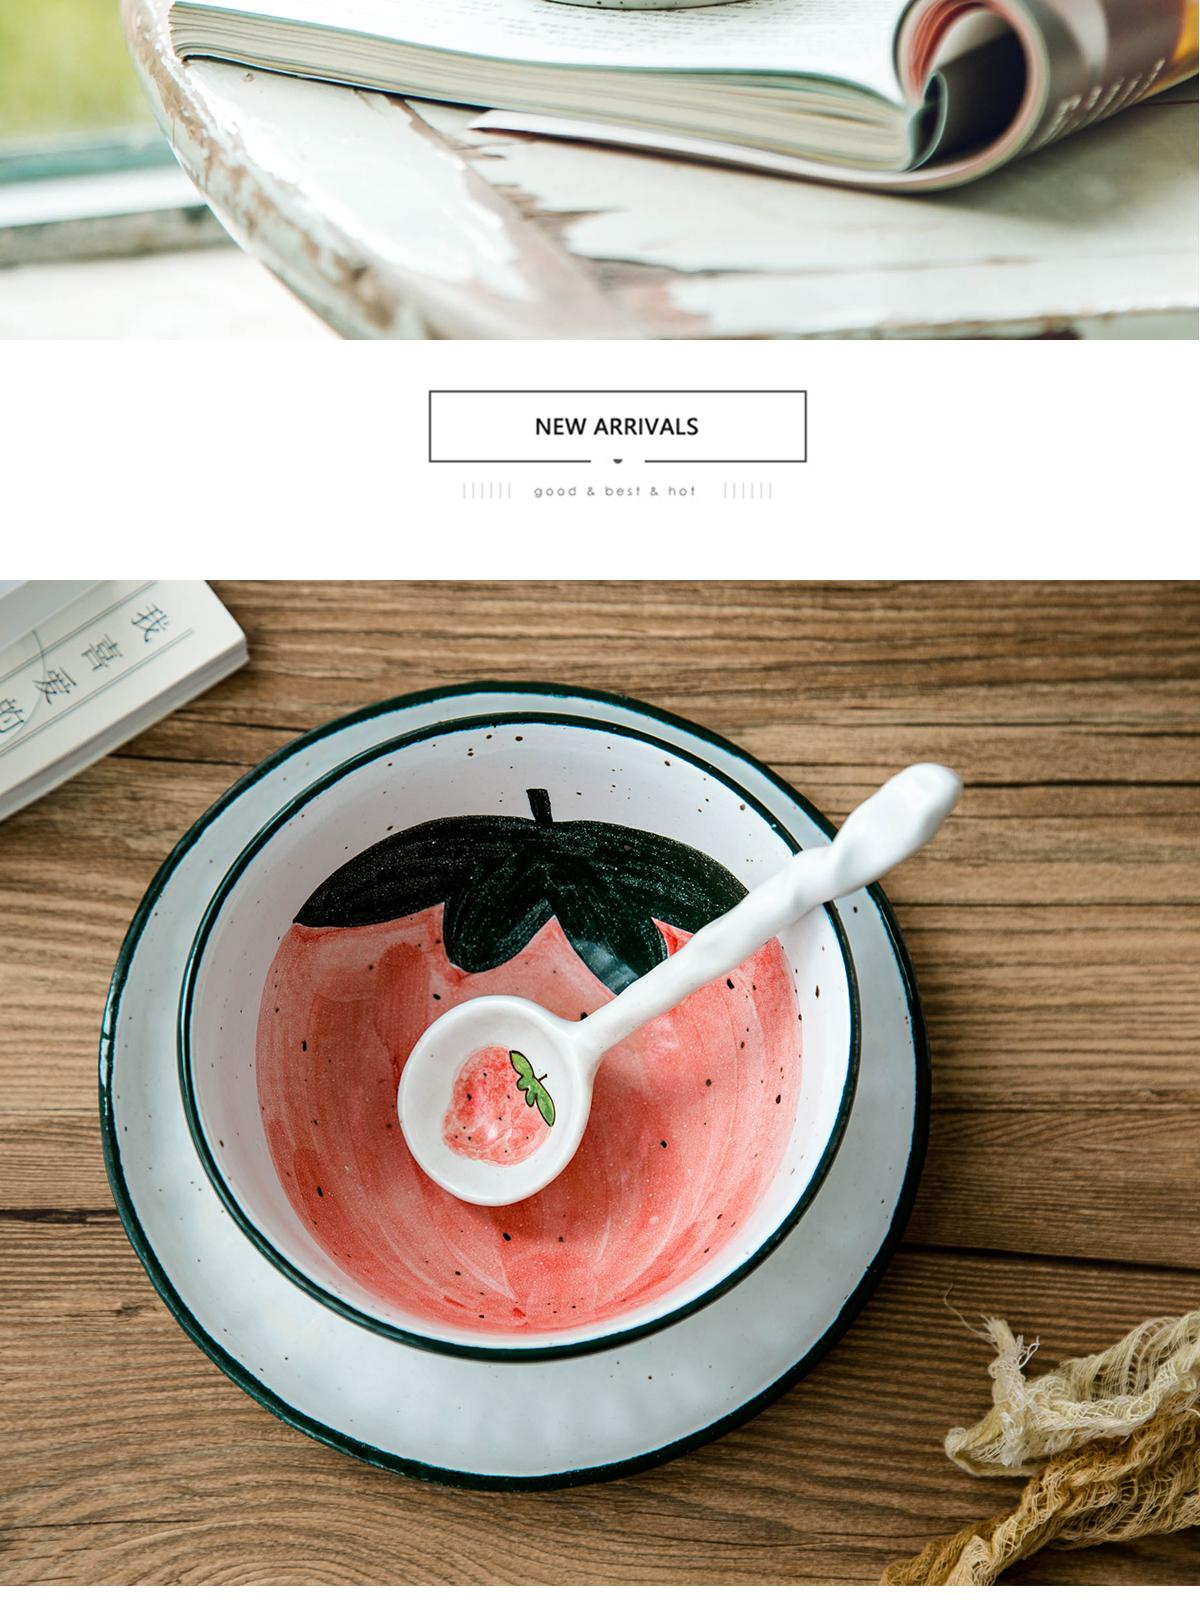 原来是泥日式橘子大面碗盘子水杯子勺子景德镇餐具套组一人食家用详细照片